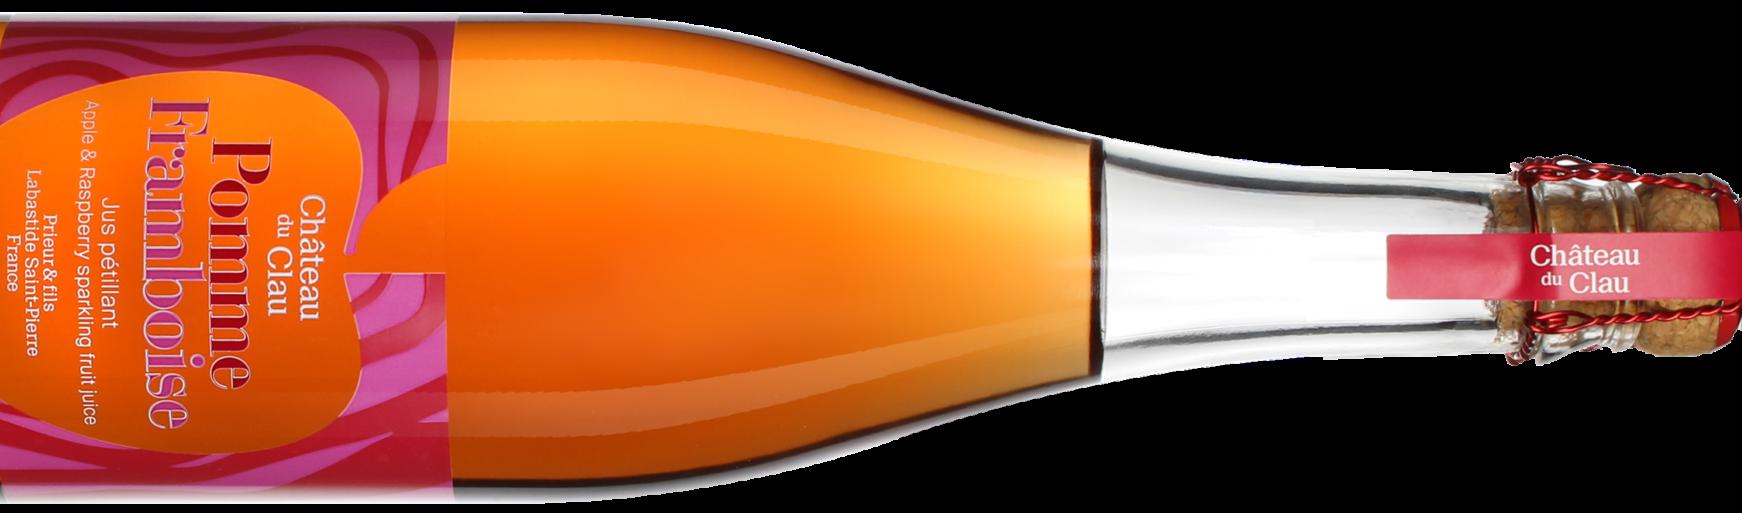 Sparkling raspberry apple premium natural fruit juice Chateau du Clau